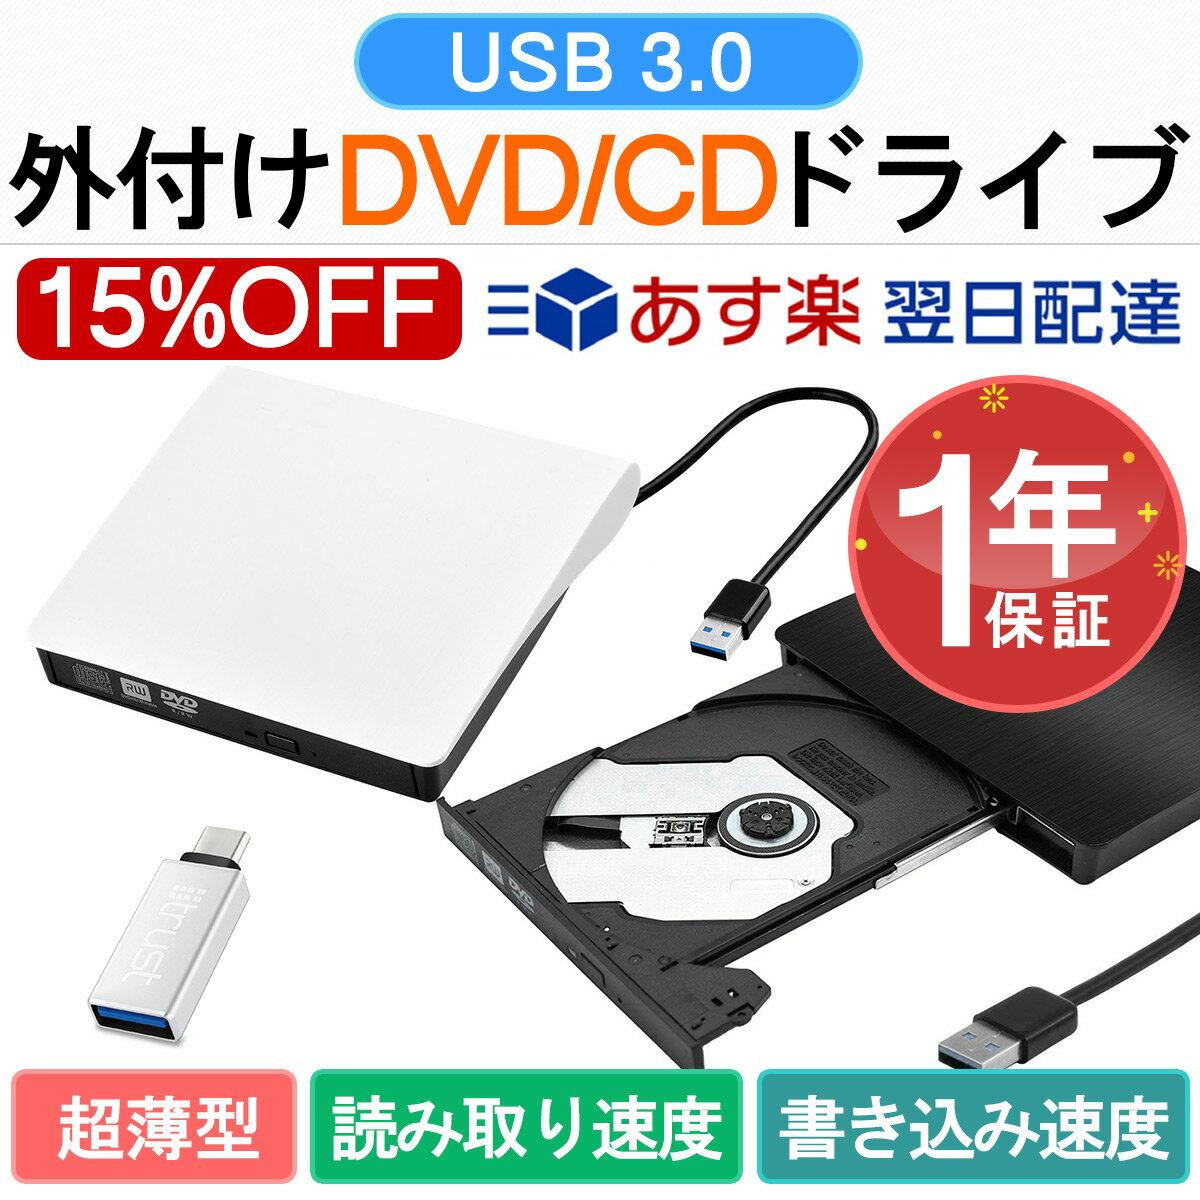 DVDドライブ CDドライブ 外付け DVDド ドライブ CD/DVD-RWドライブ Windows10対応 USB 3.0対応 書き込み対応 読み込み対応 日本語取扱説明書付き 12ヶ月間の安心サポート メール便発送不可